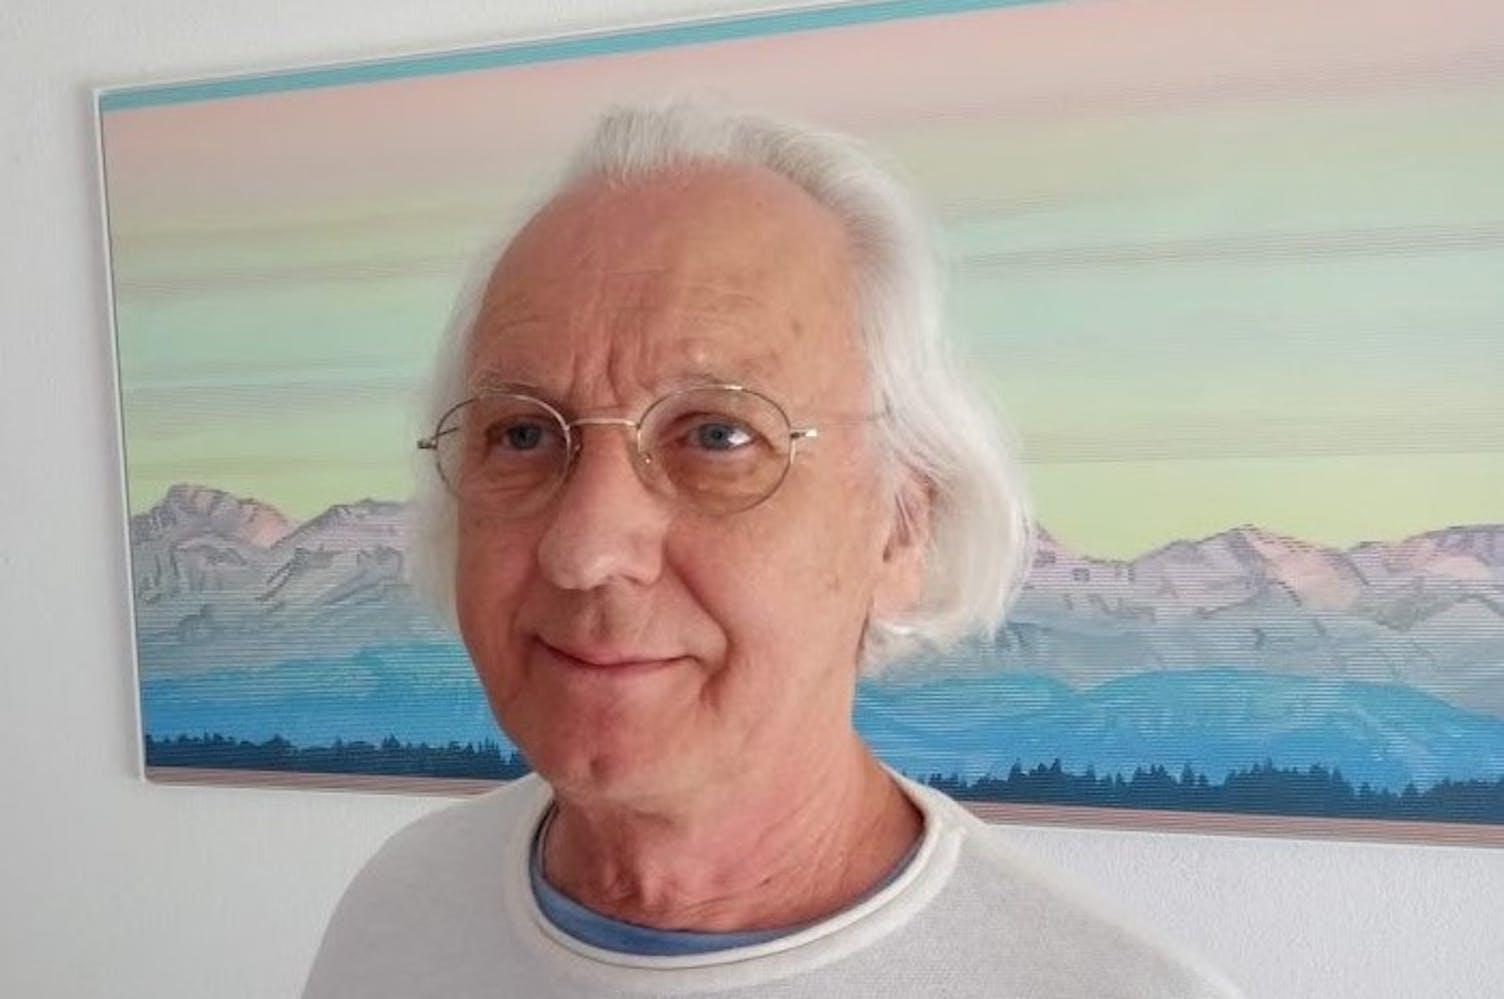 Arthur Wyss